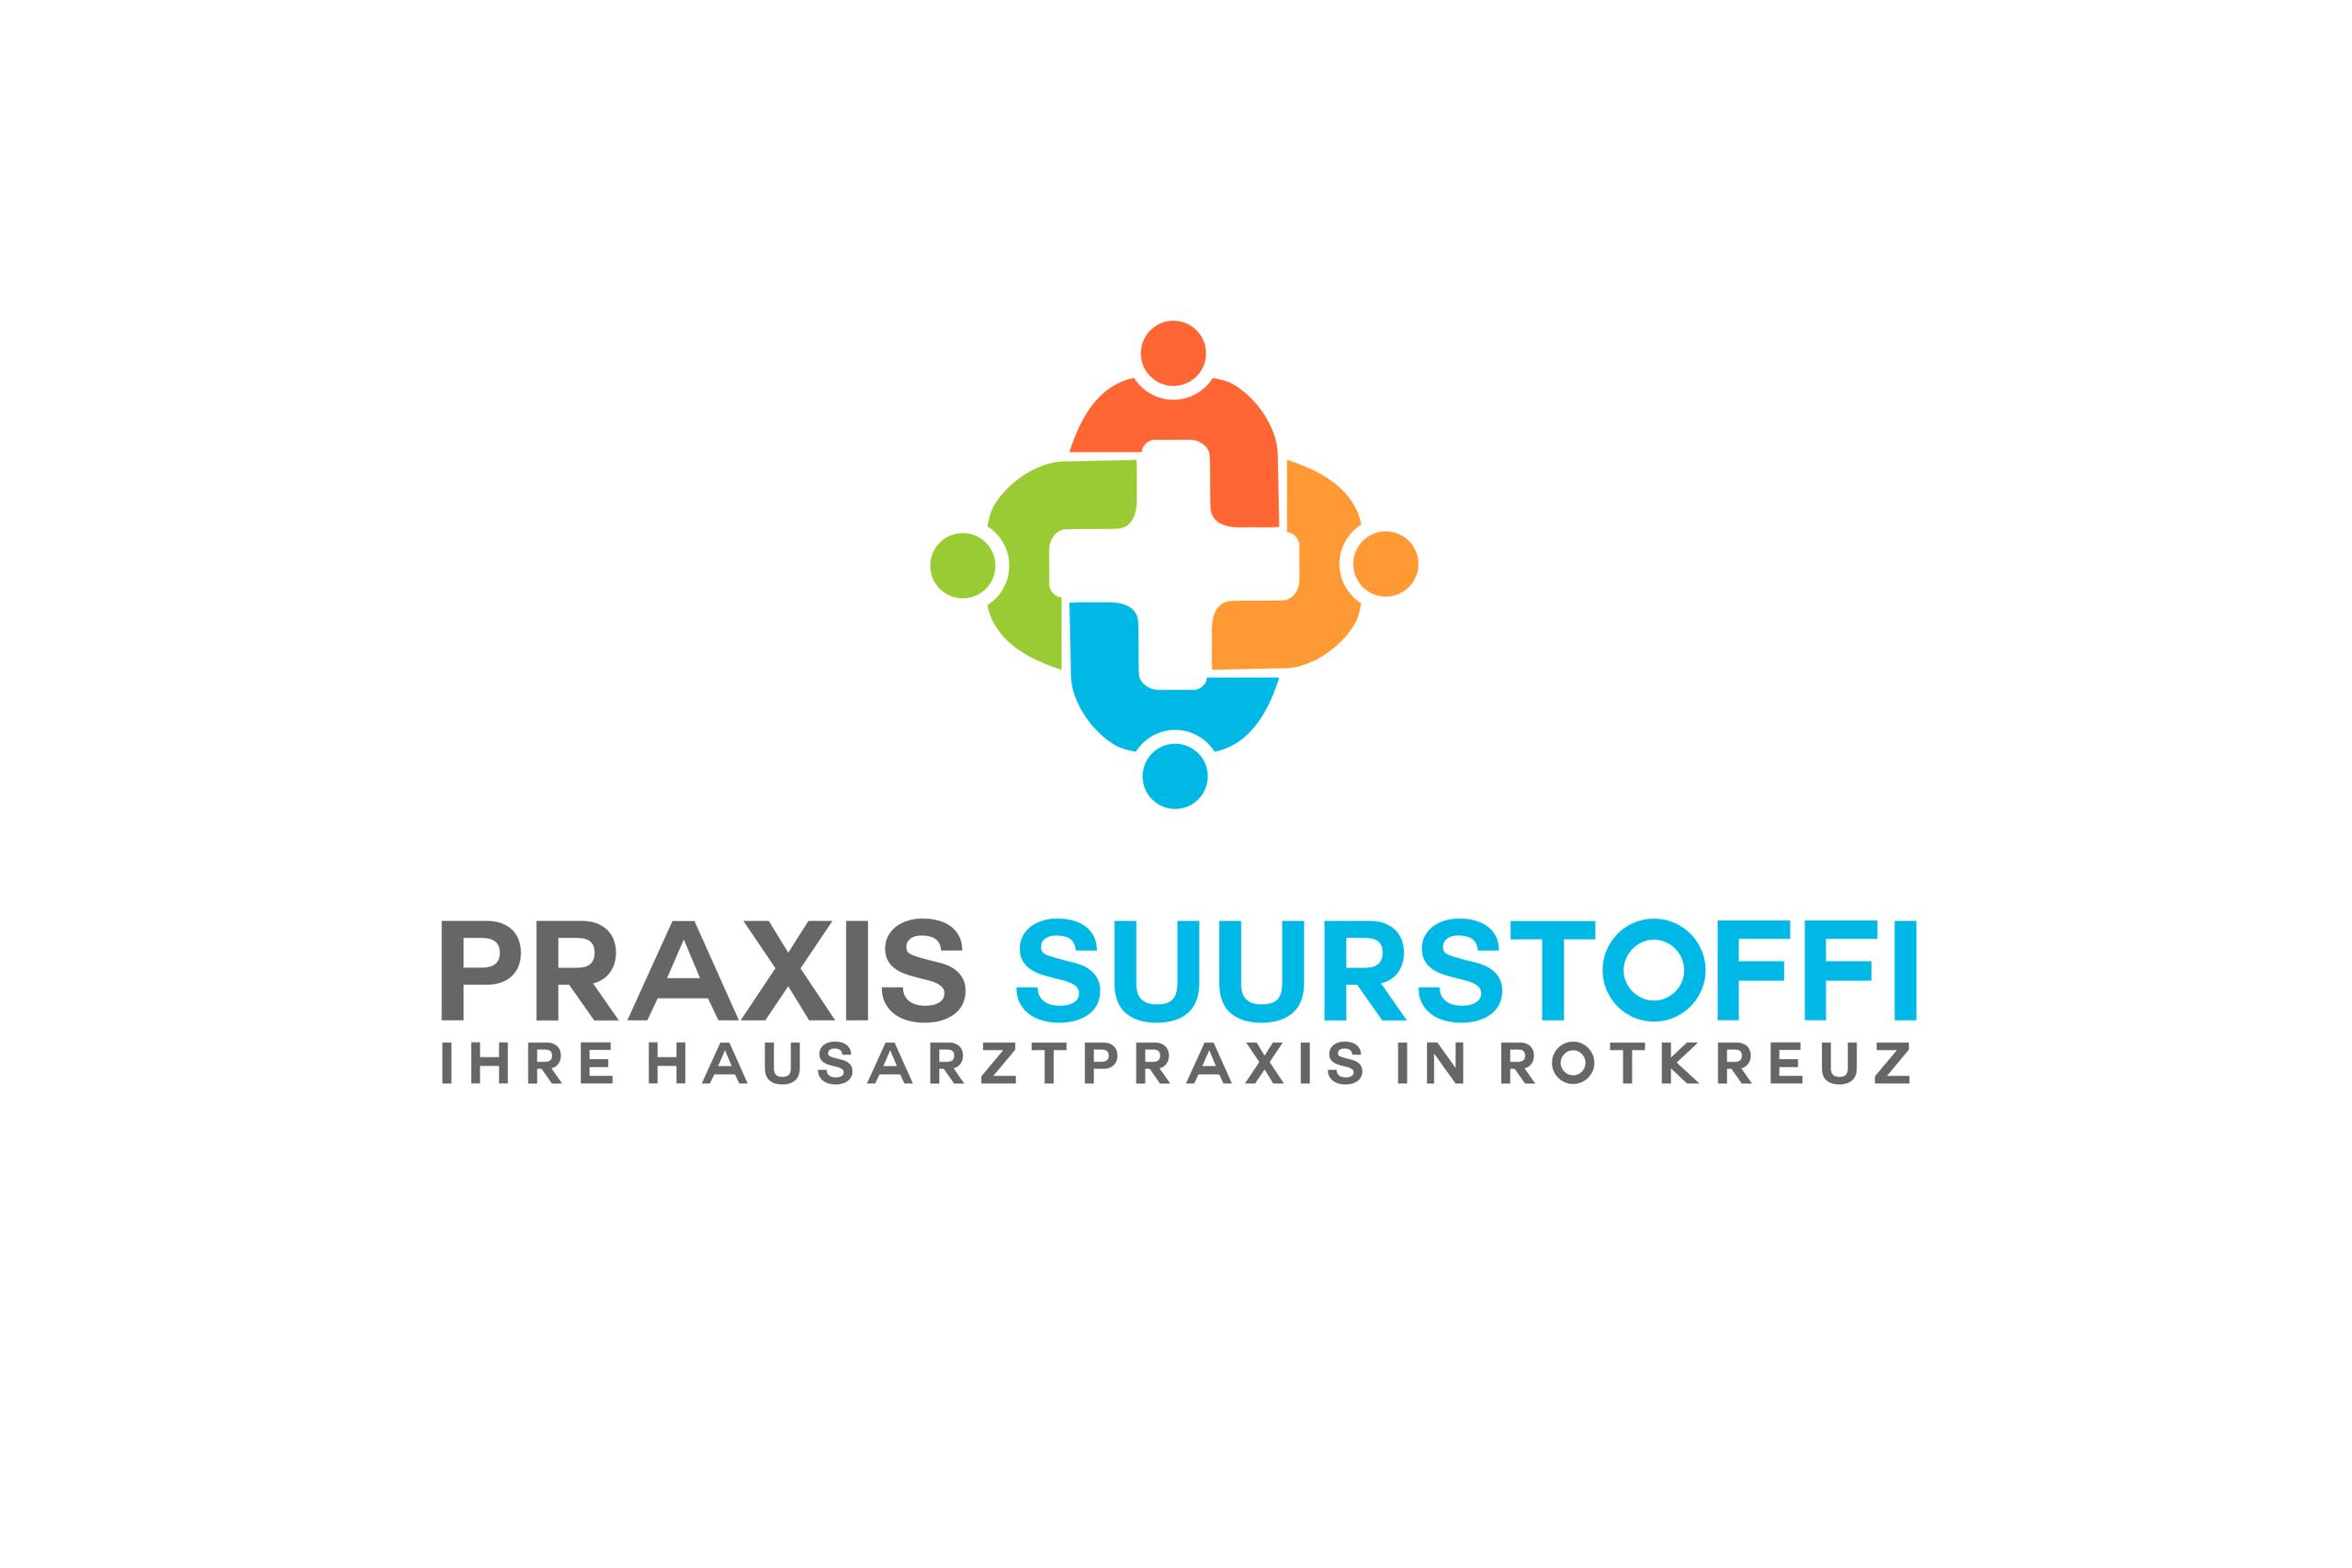 Image Praxis Suurstoffi AG